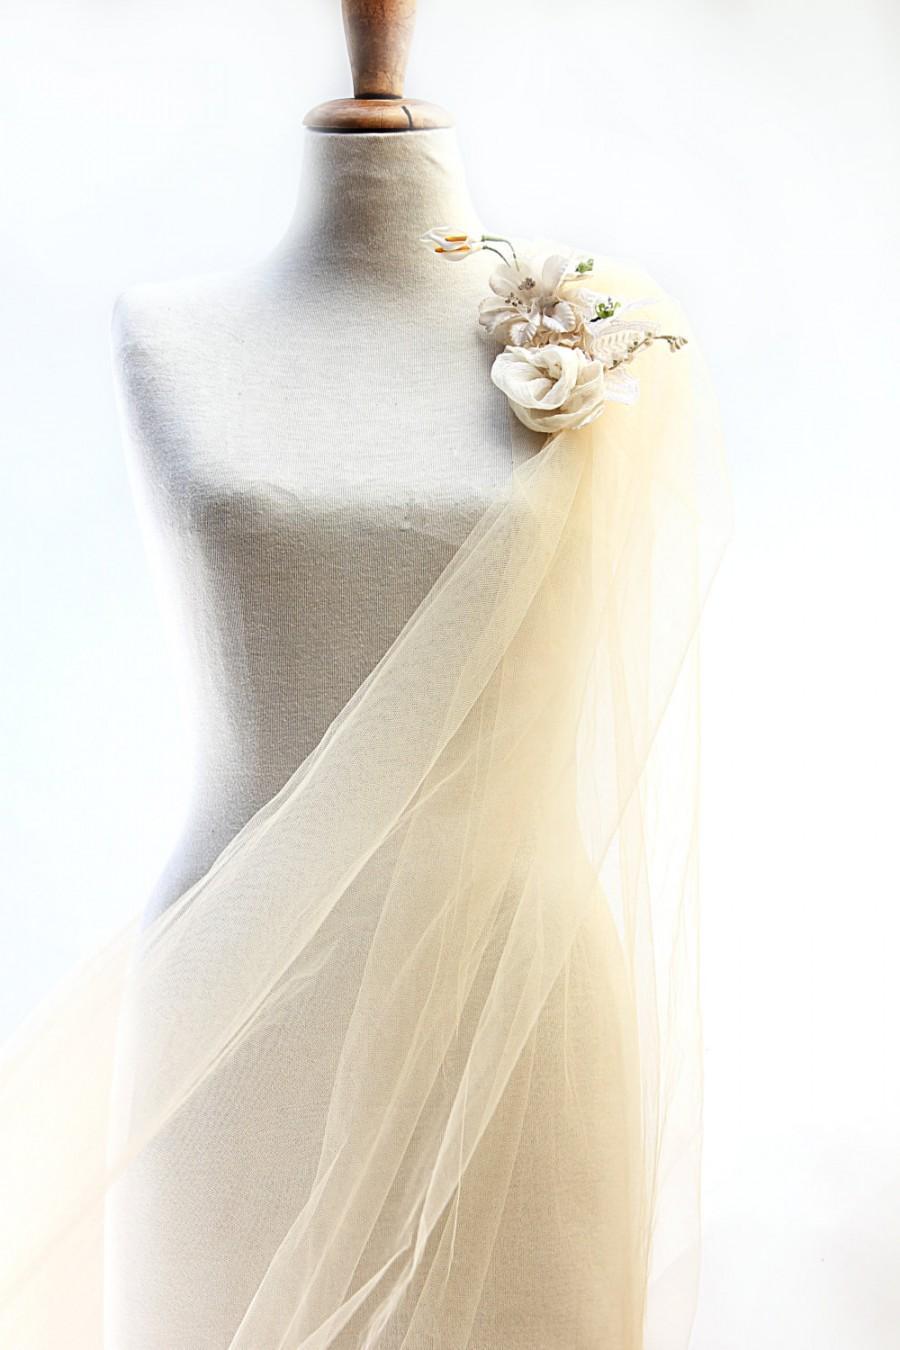 زفاف - Luxurious Wedding Veil of Romantic Vintage Tulle with Unique Jeweled hair-comb & Decorations